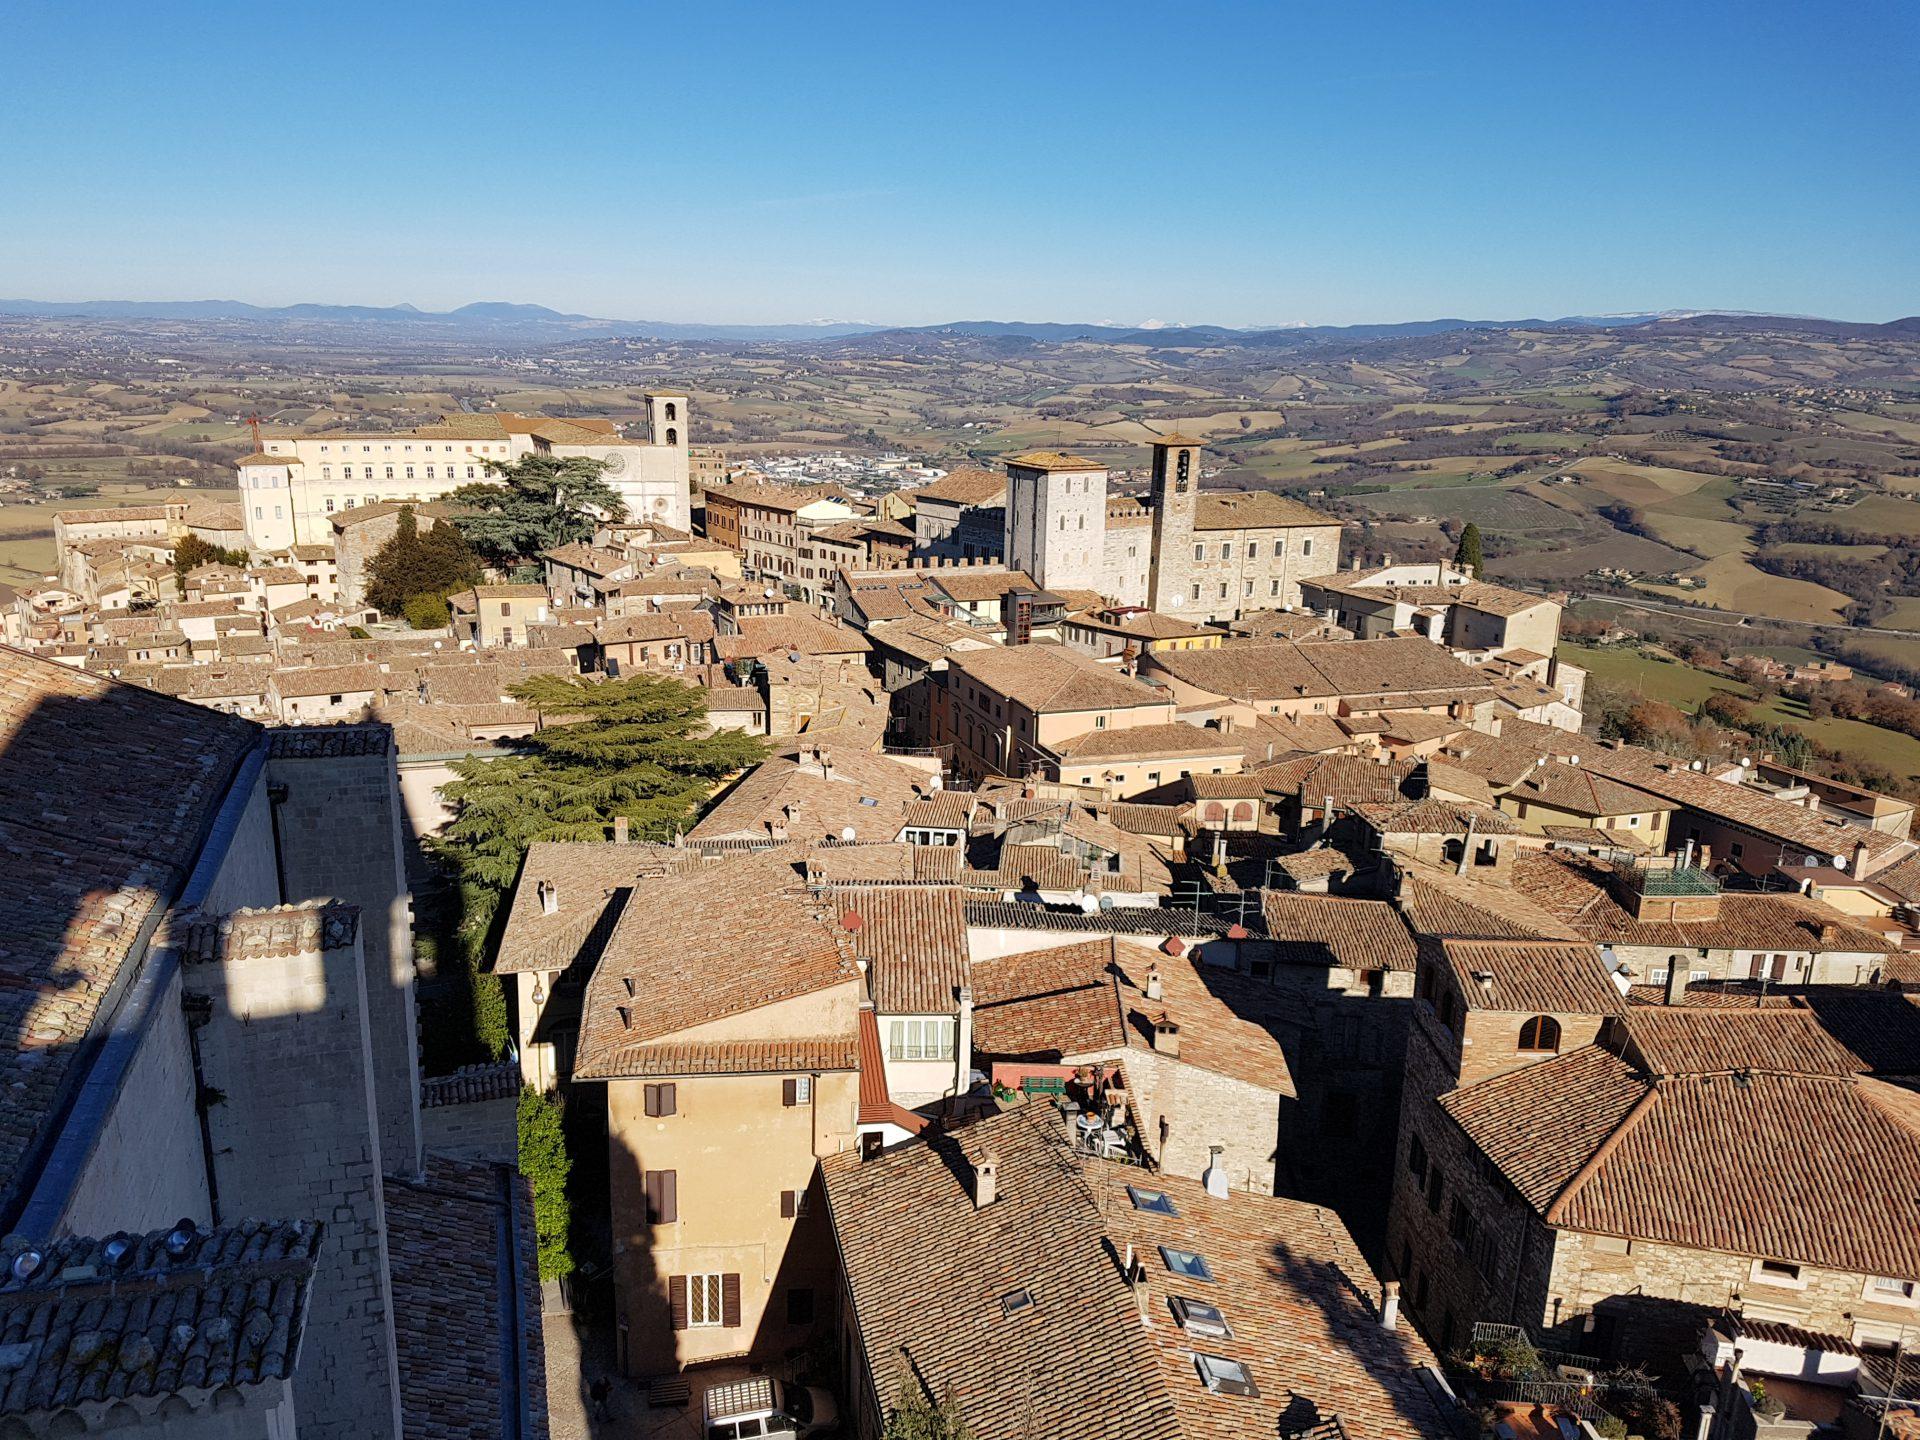 Tempio di San_Fortunato- city of Todi- dove siamo - locationHotel Fonte Cesia - tassa di soggiorno - City tax - Todi